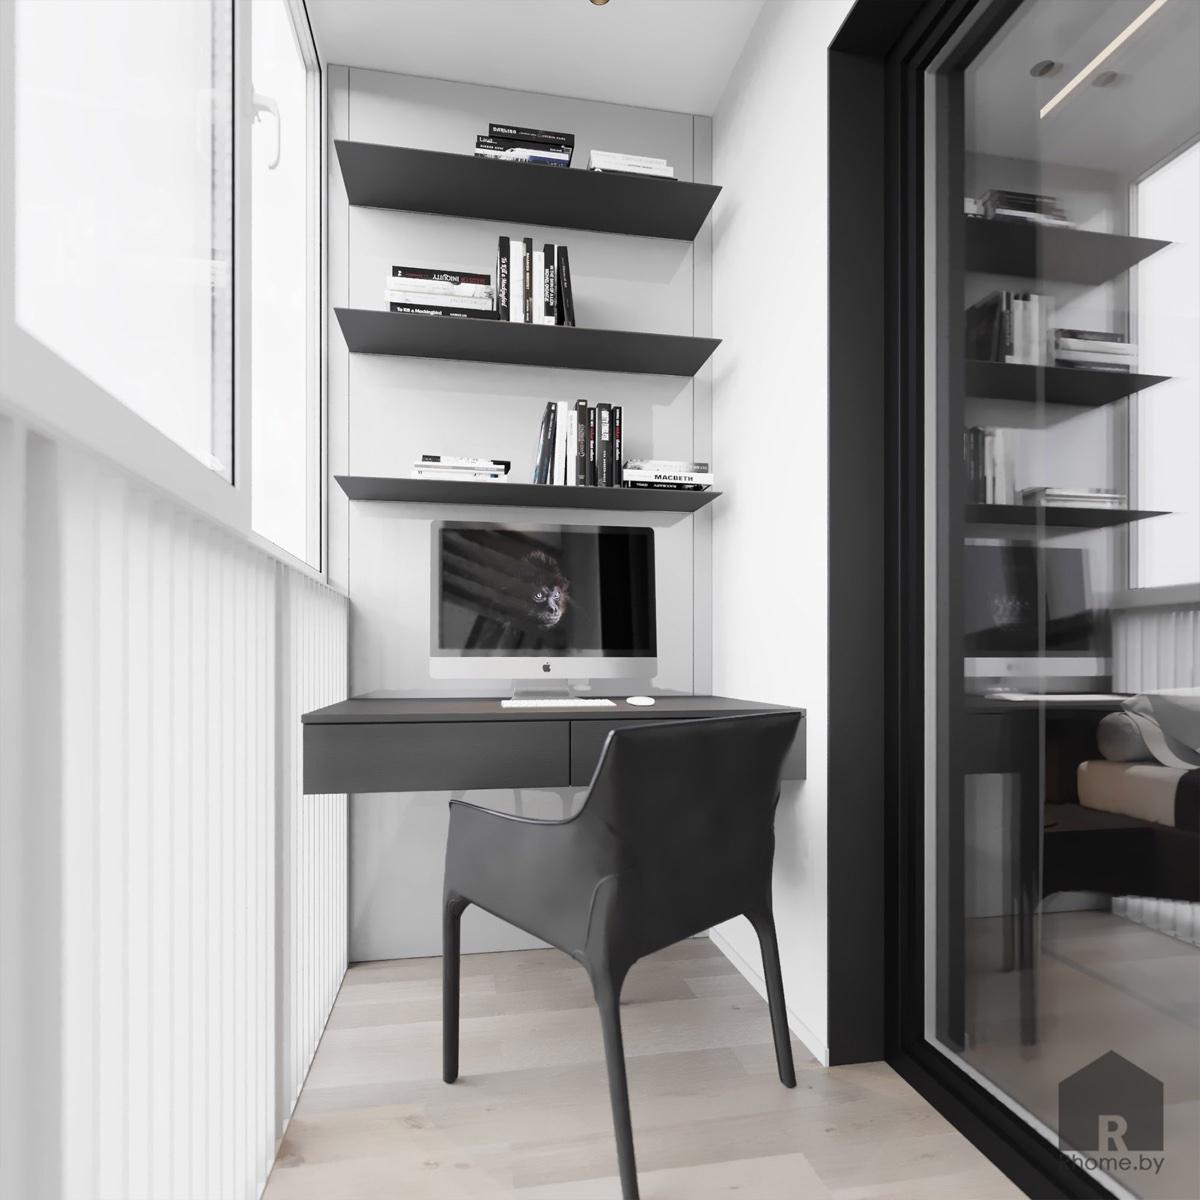 Дизайн интерьера лоджии и балкона в квартире на улице Мстиславца | Дизайн студия – Rhome.by